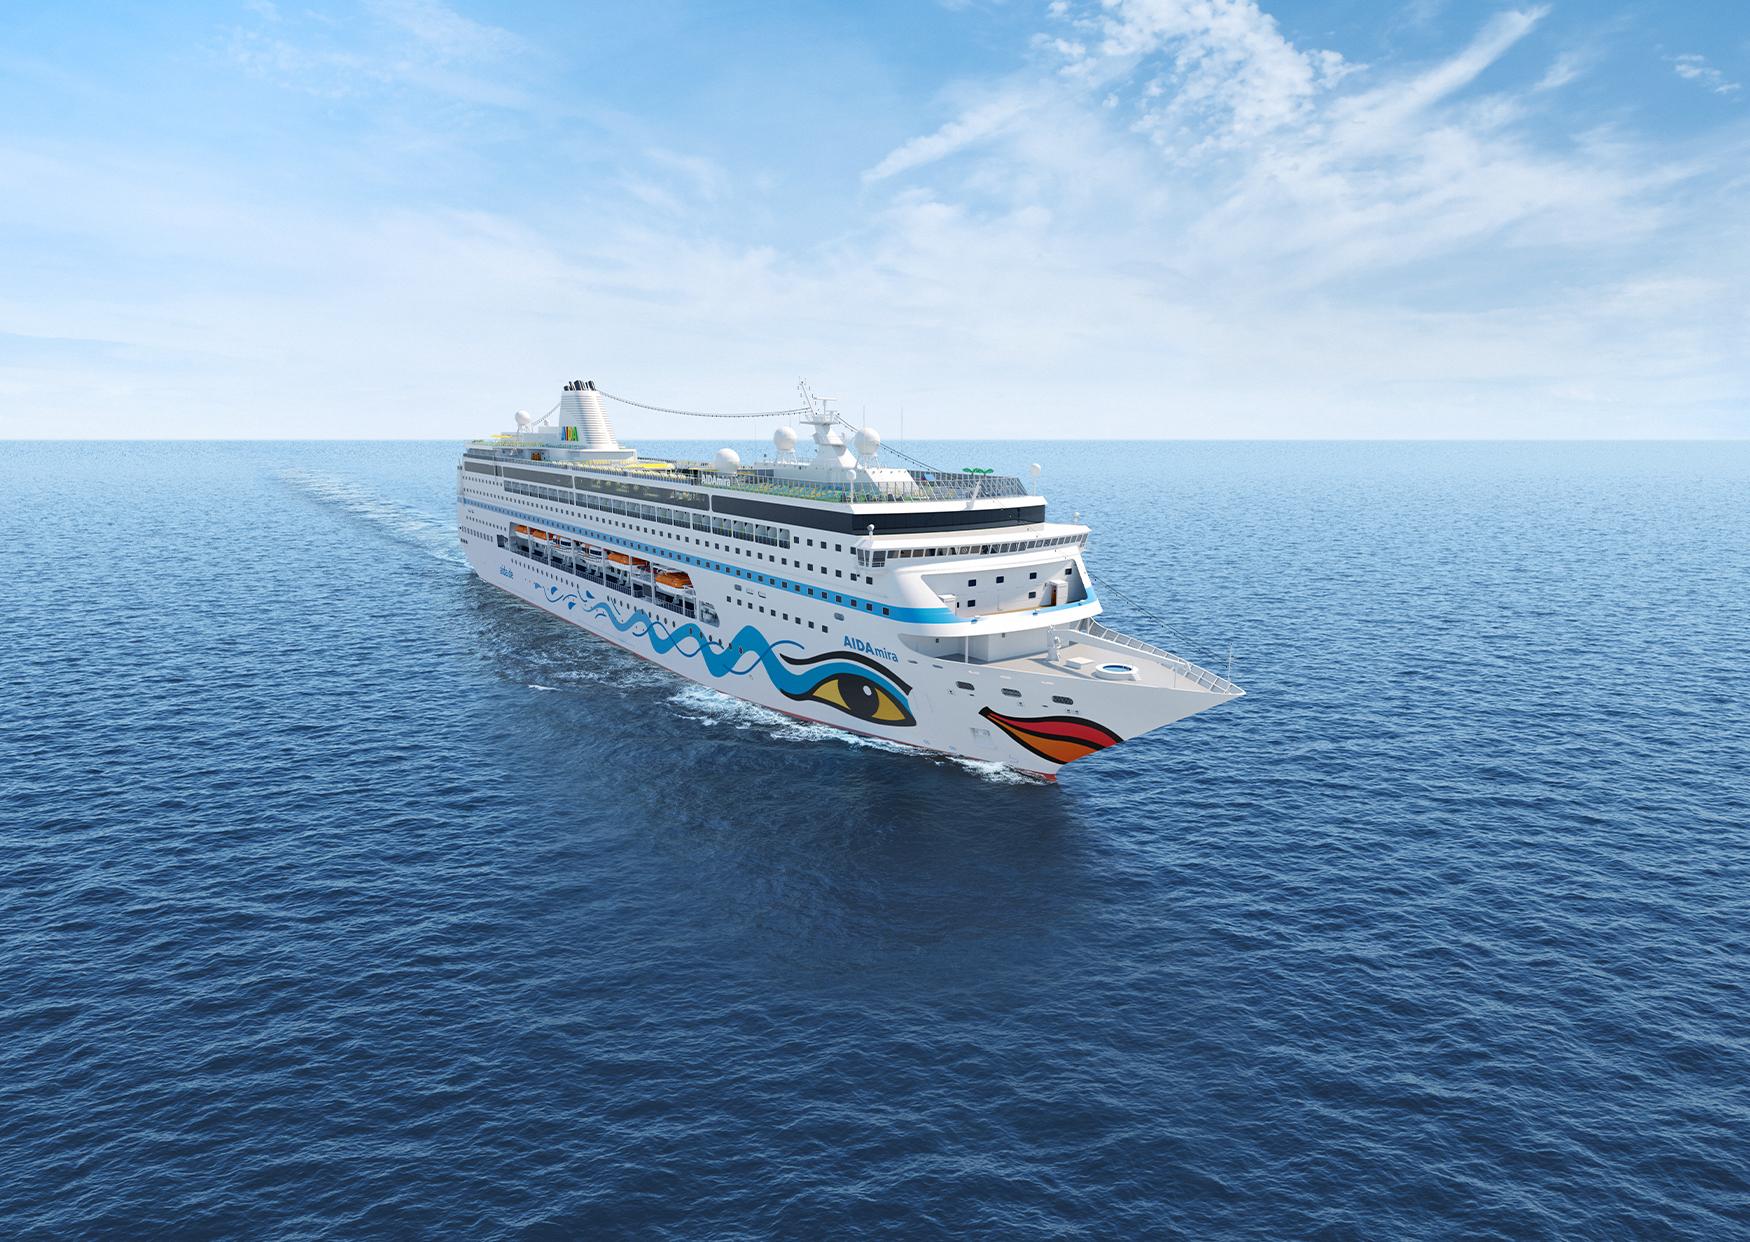 Aida Cruises setzt die Kreuzfahrten mit Zielen in den USA und Kanada komplett aus und zieht sich damit früher als angedacht aus Nordamerika zurück.